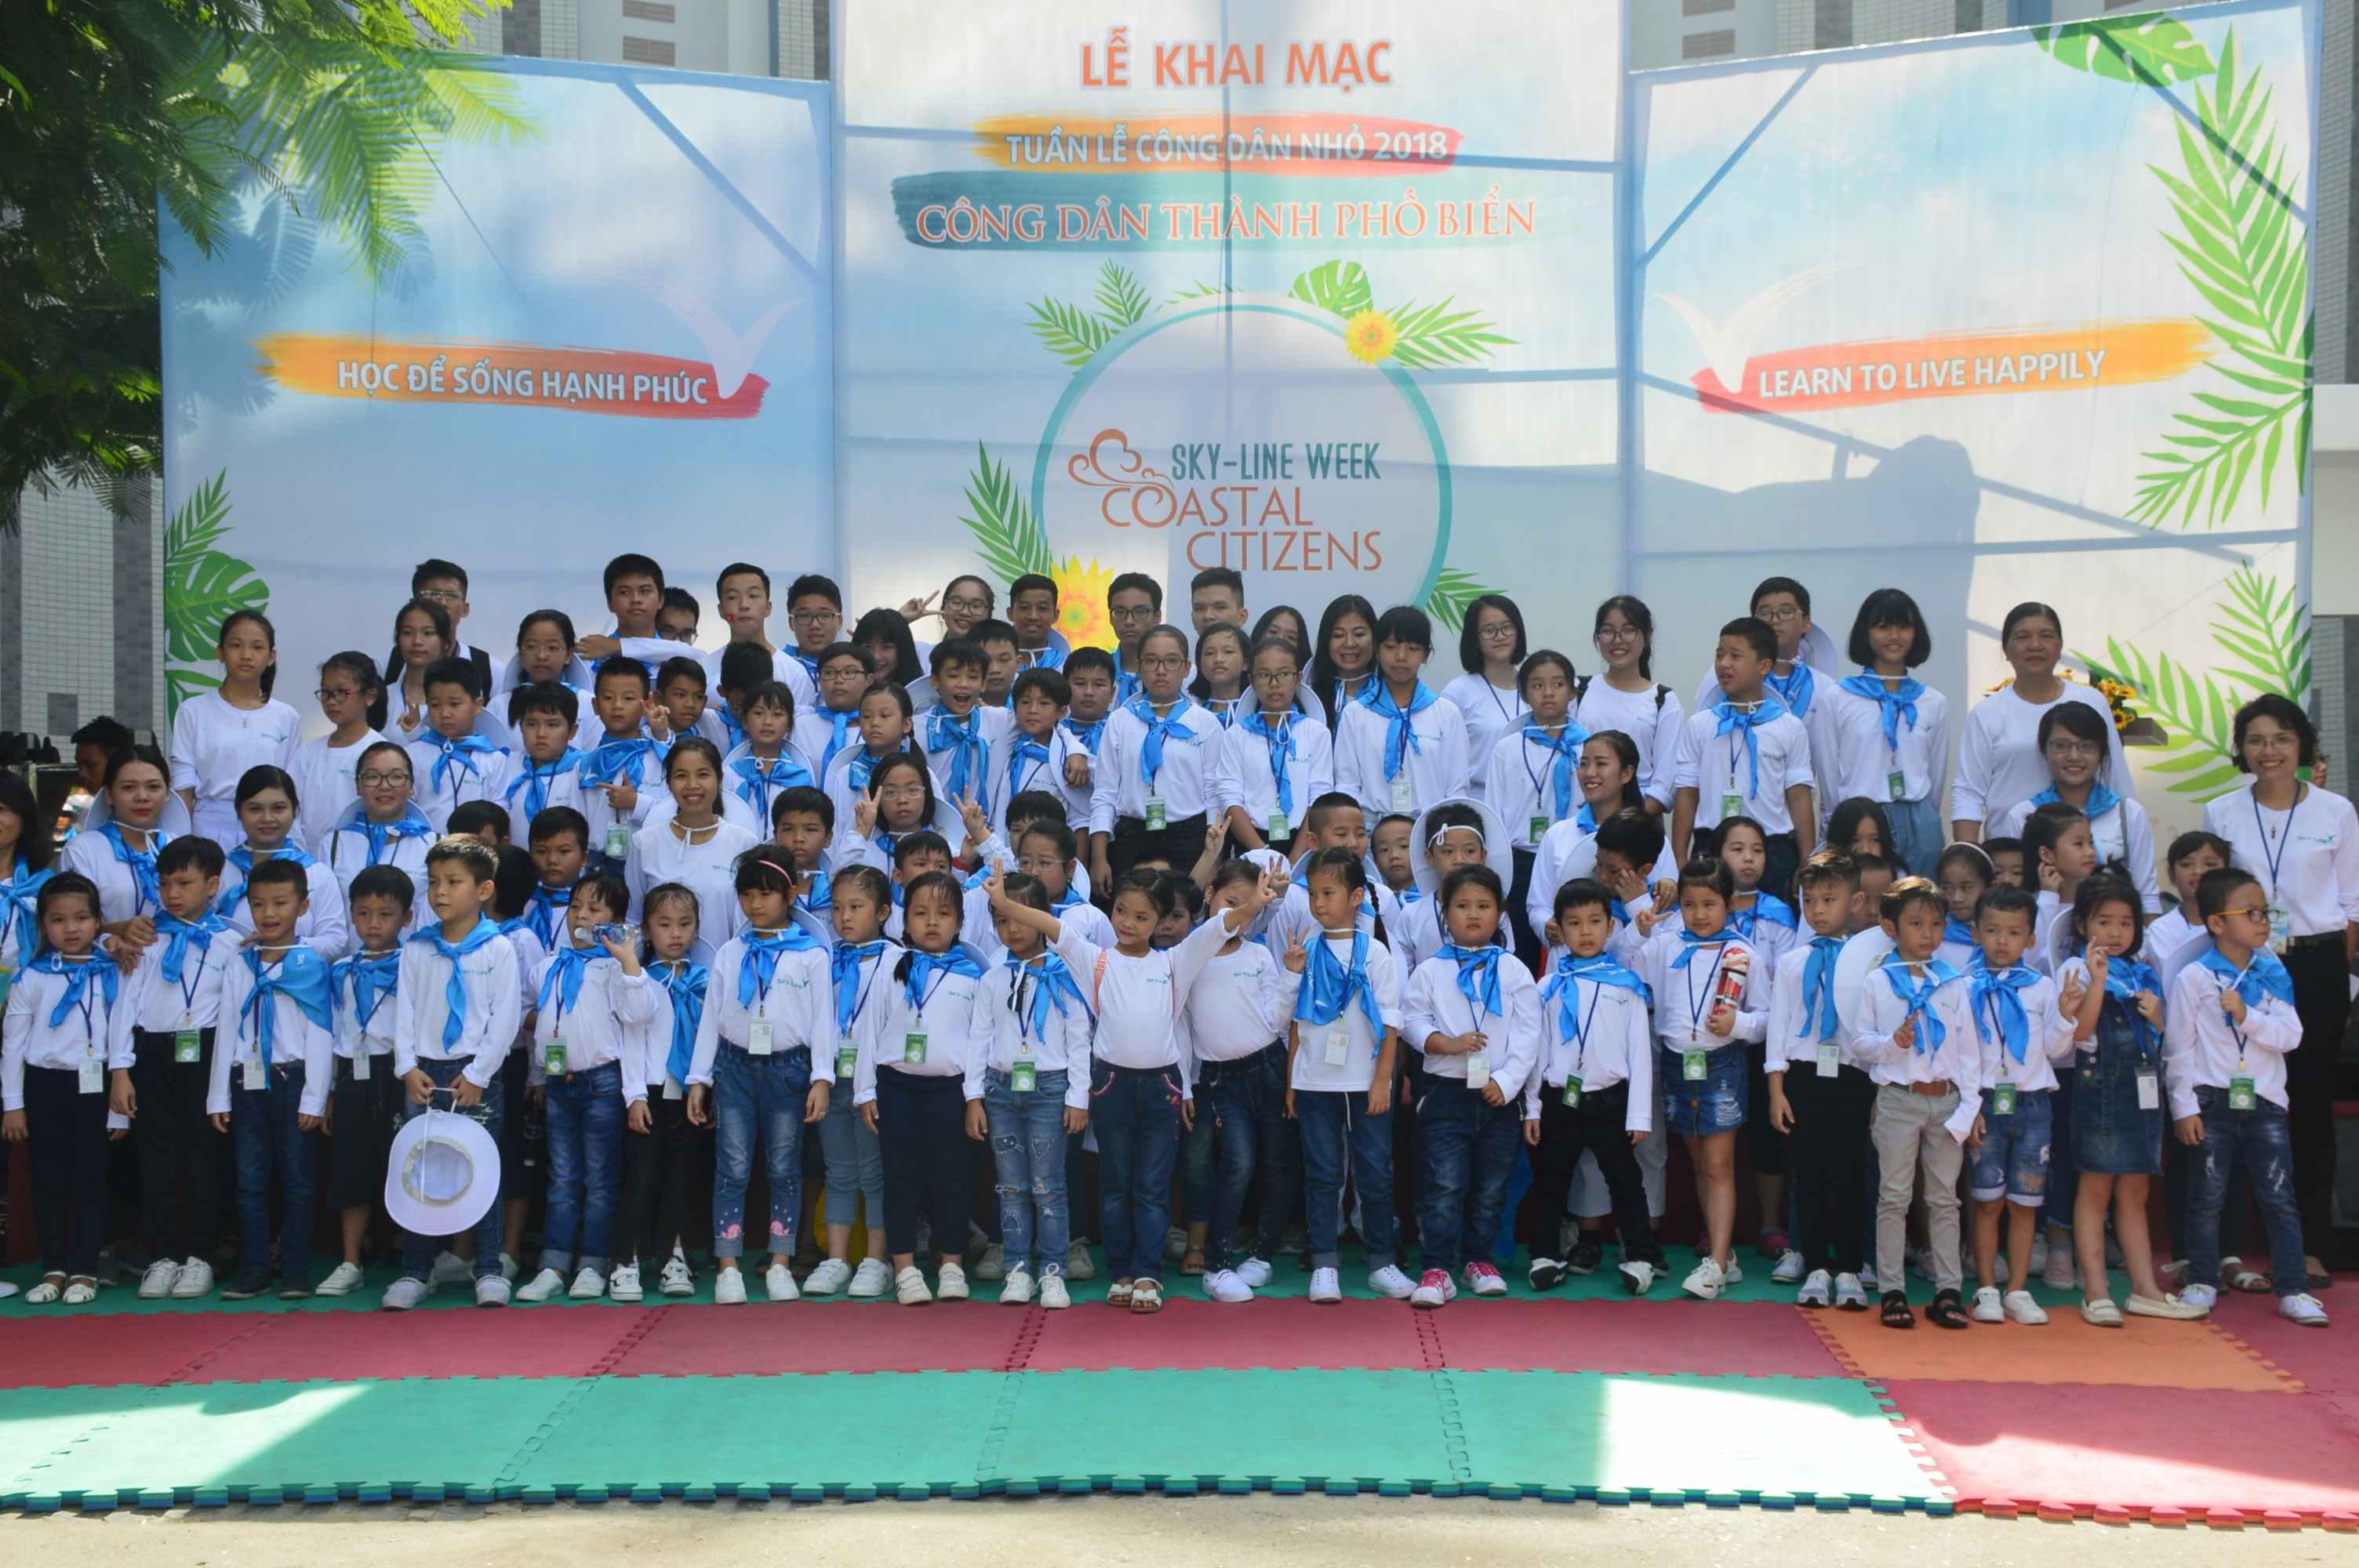 Các em học sinh của trường SKY-LINE hào hứng tham gia chương trình. Ảnh: Q.T